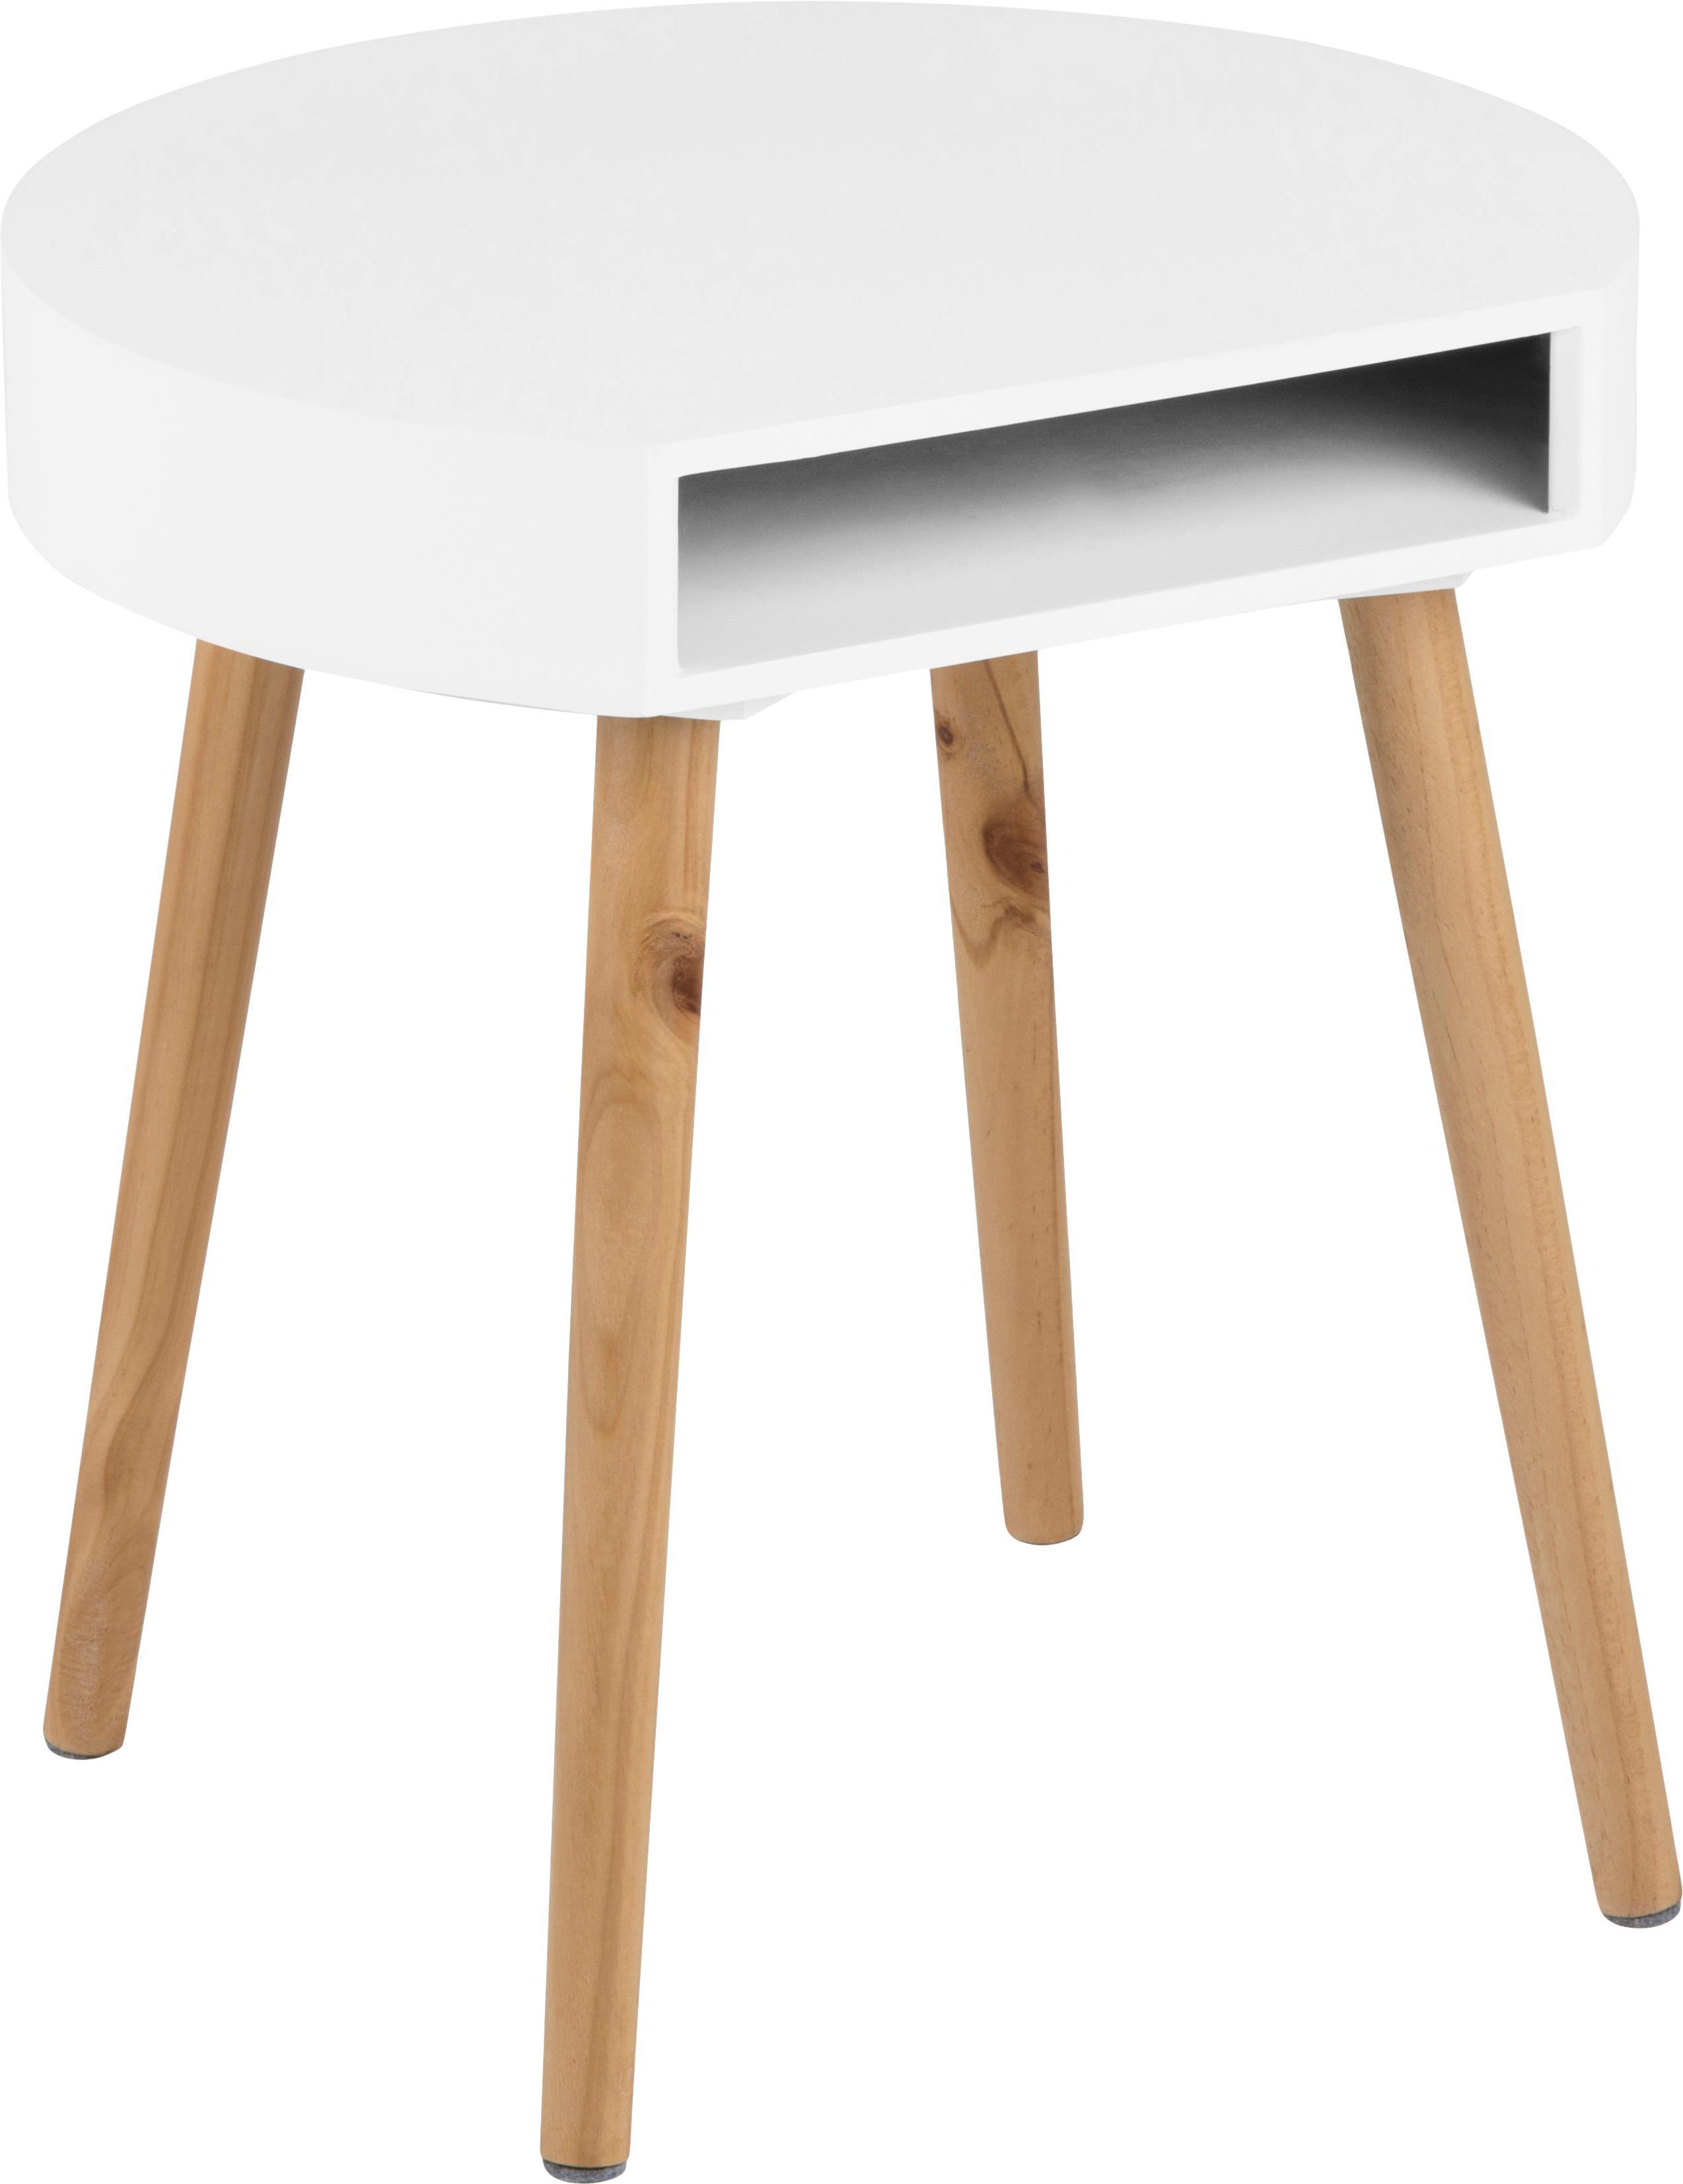 Stolik pomocniczy z miejscem do przechowywania Ela, Drewno lakierowane, Biały, drewno naturalne, S 40 x G 36 cm